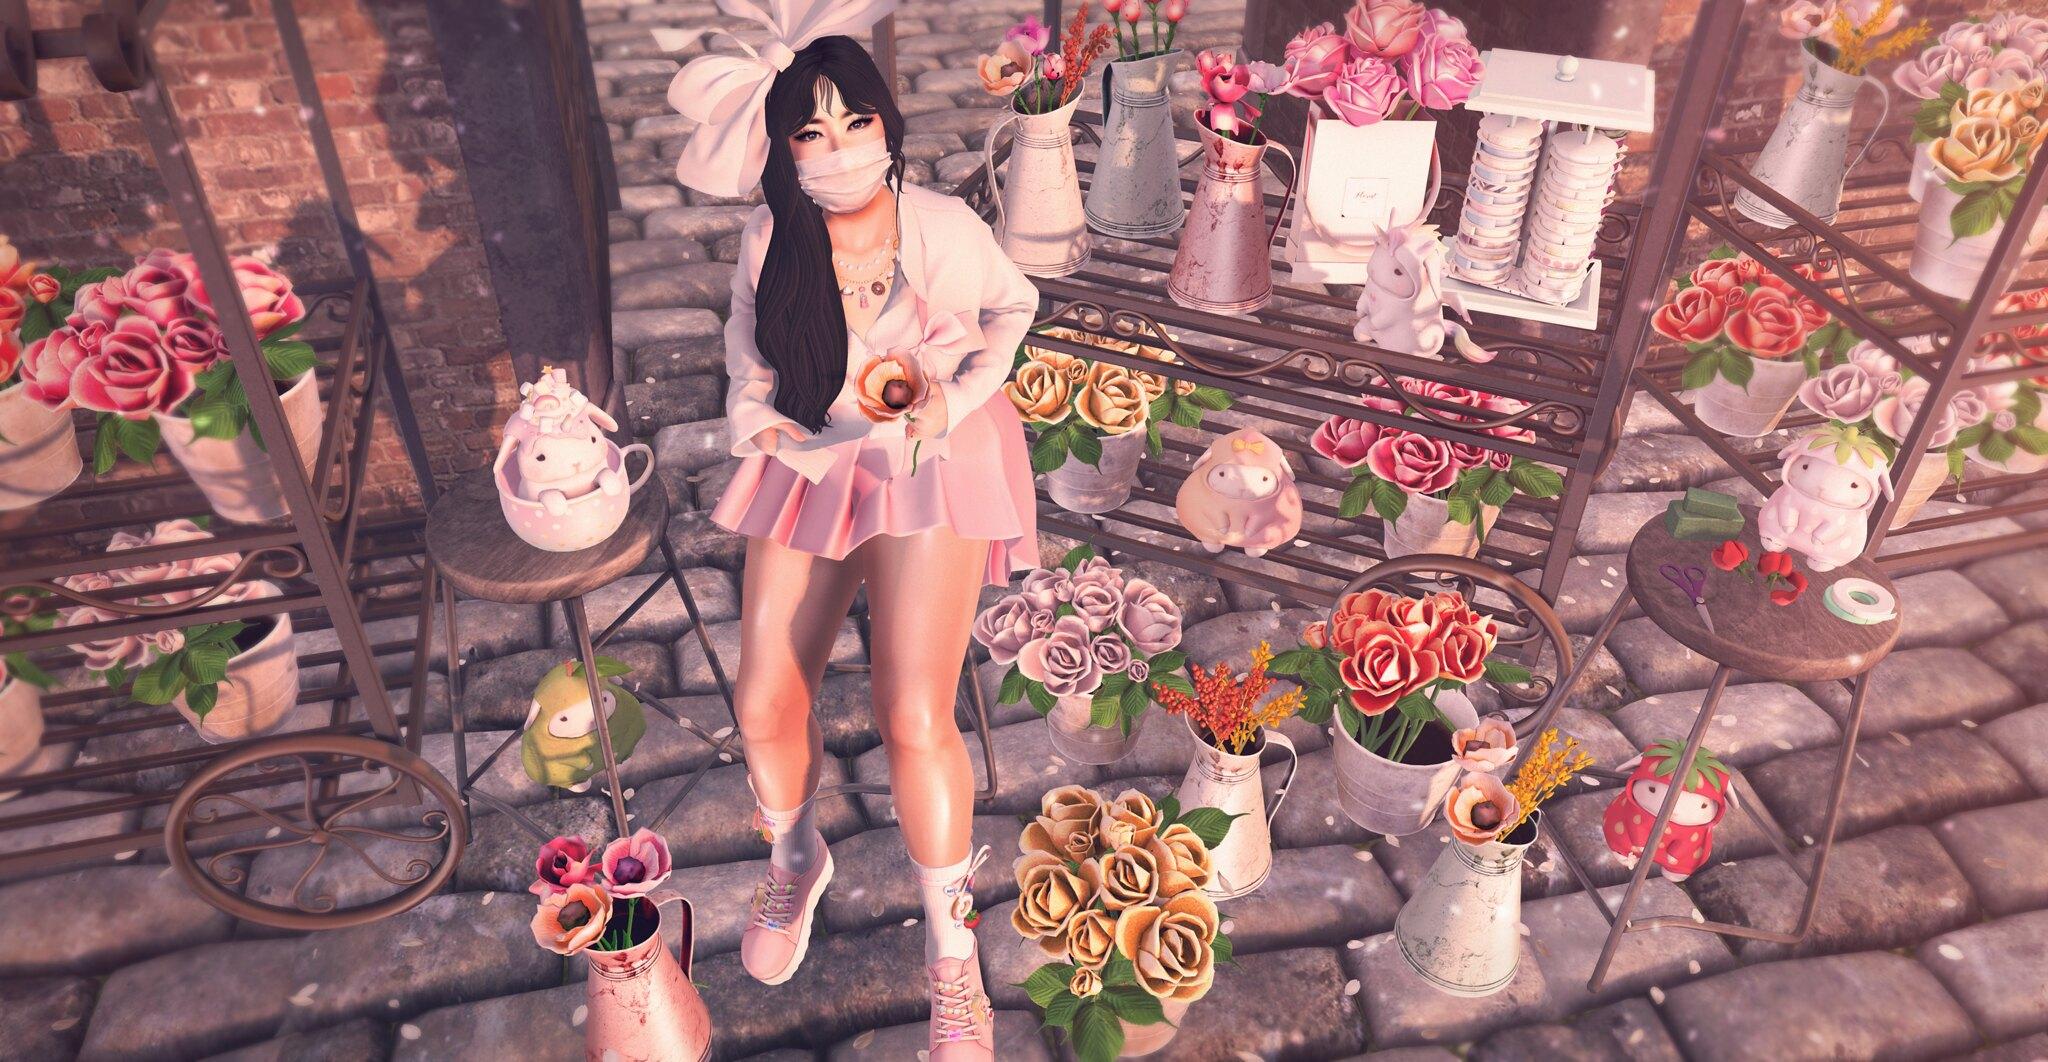 The Flower Merchant.